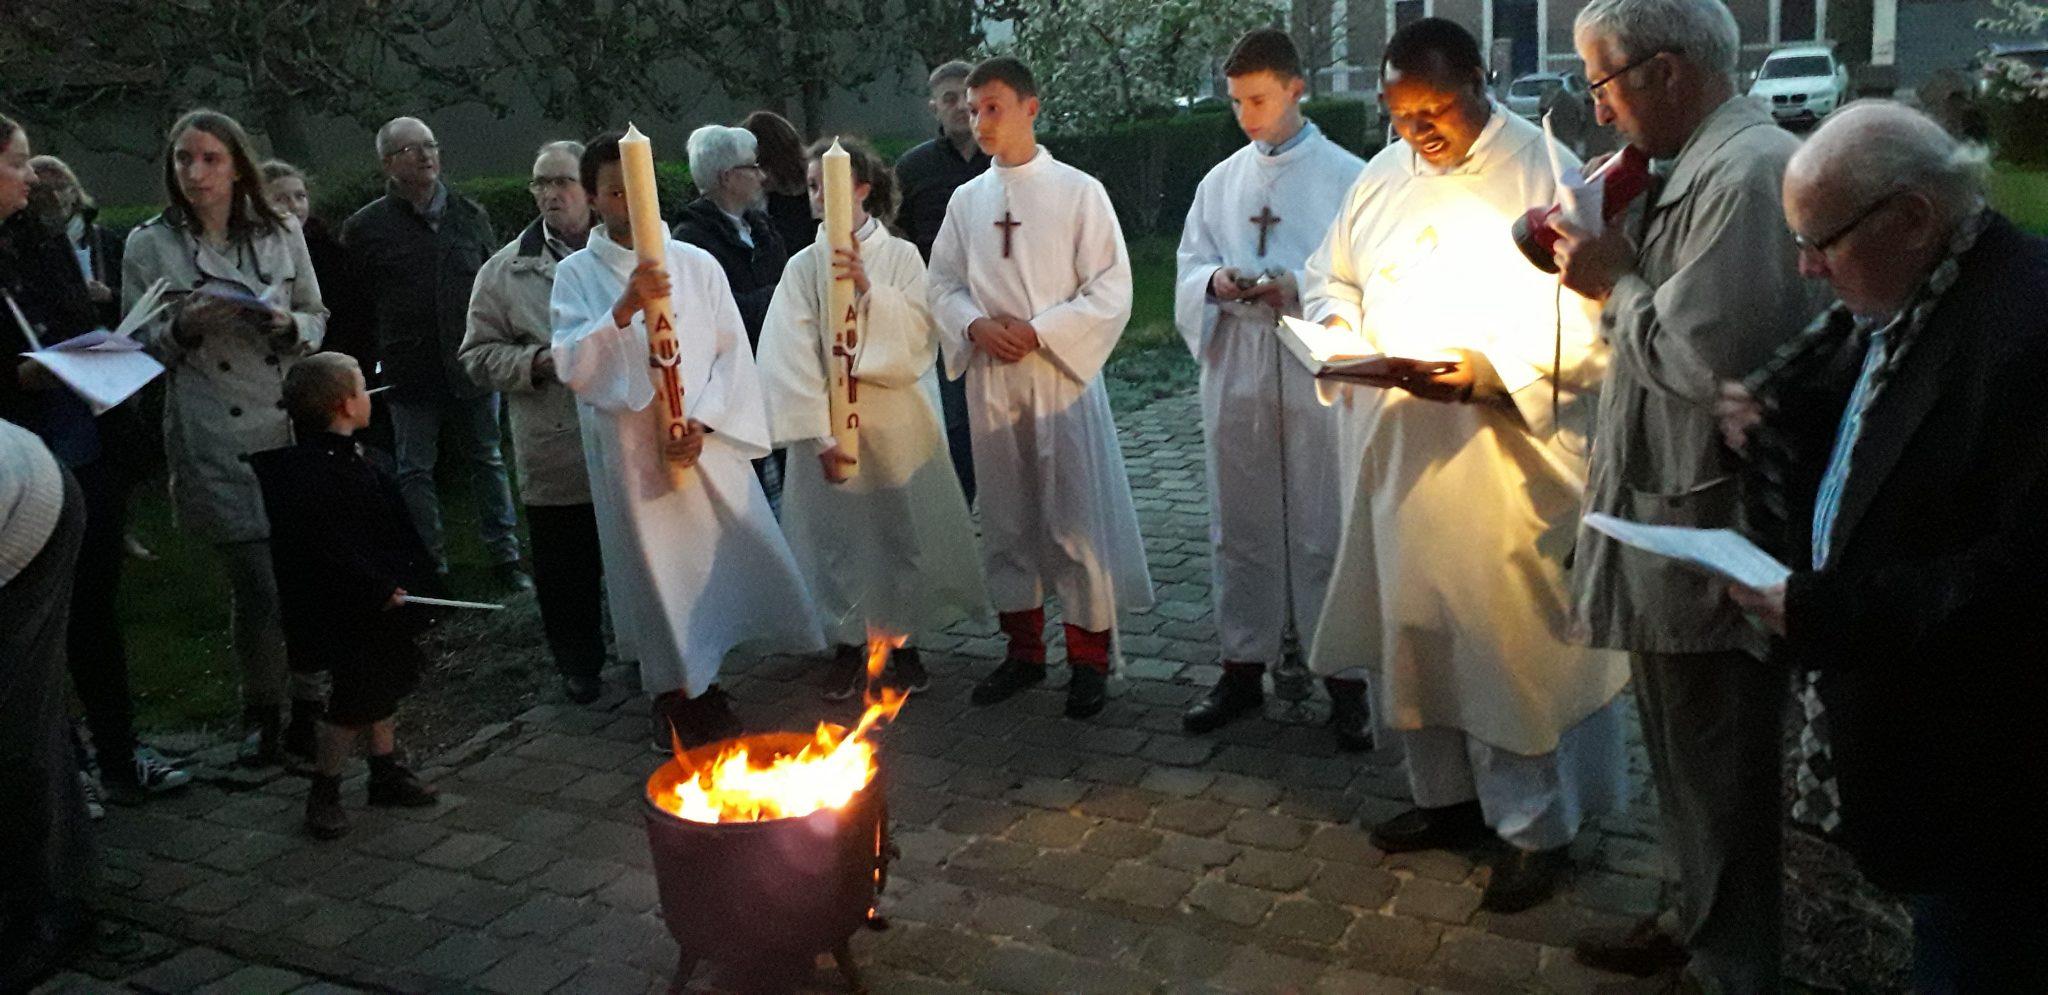 https://www.amiens.catholique.fr/wp-content/uploads/sites/9/2019/04/20190420_211322.jpg